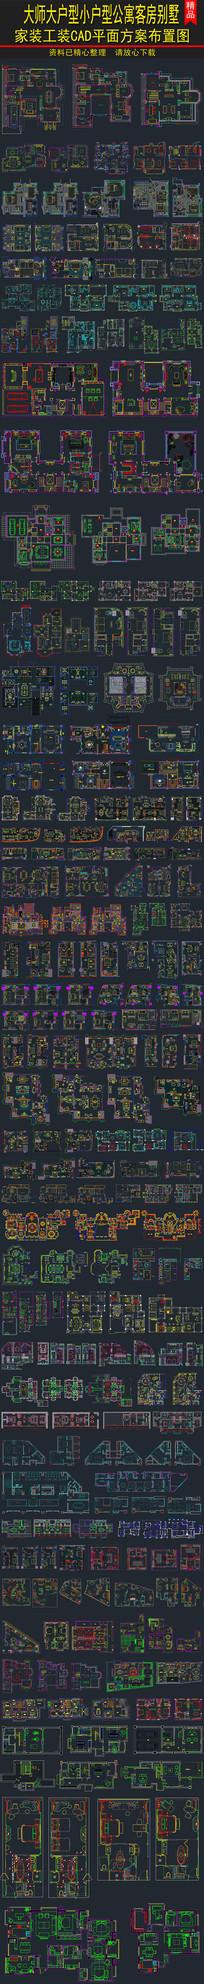 公寓客房别墅CAD平面布局